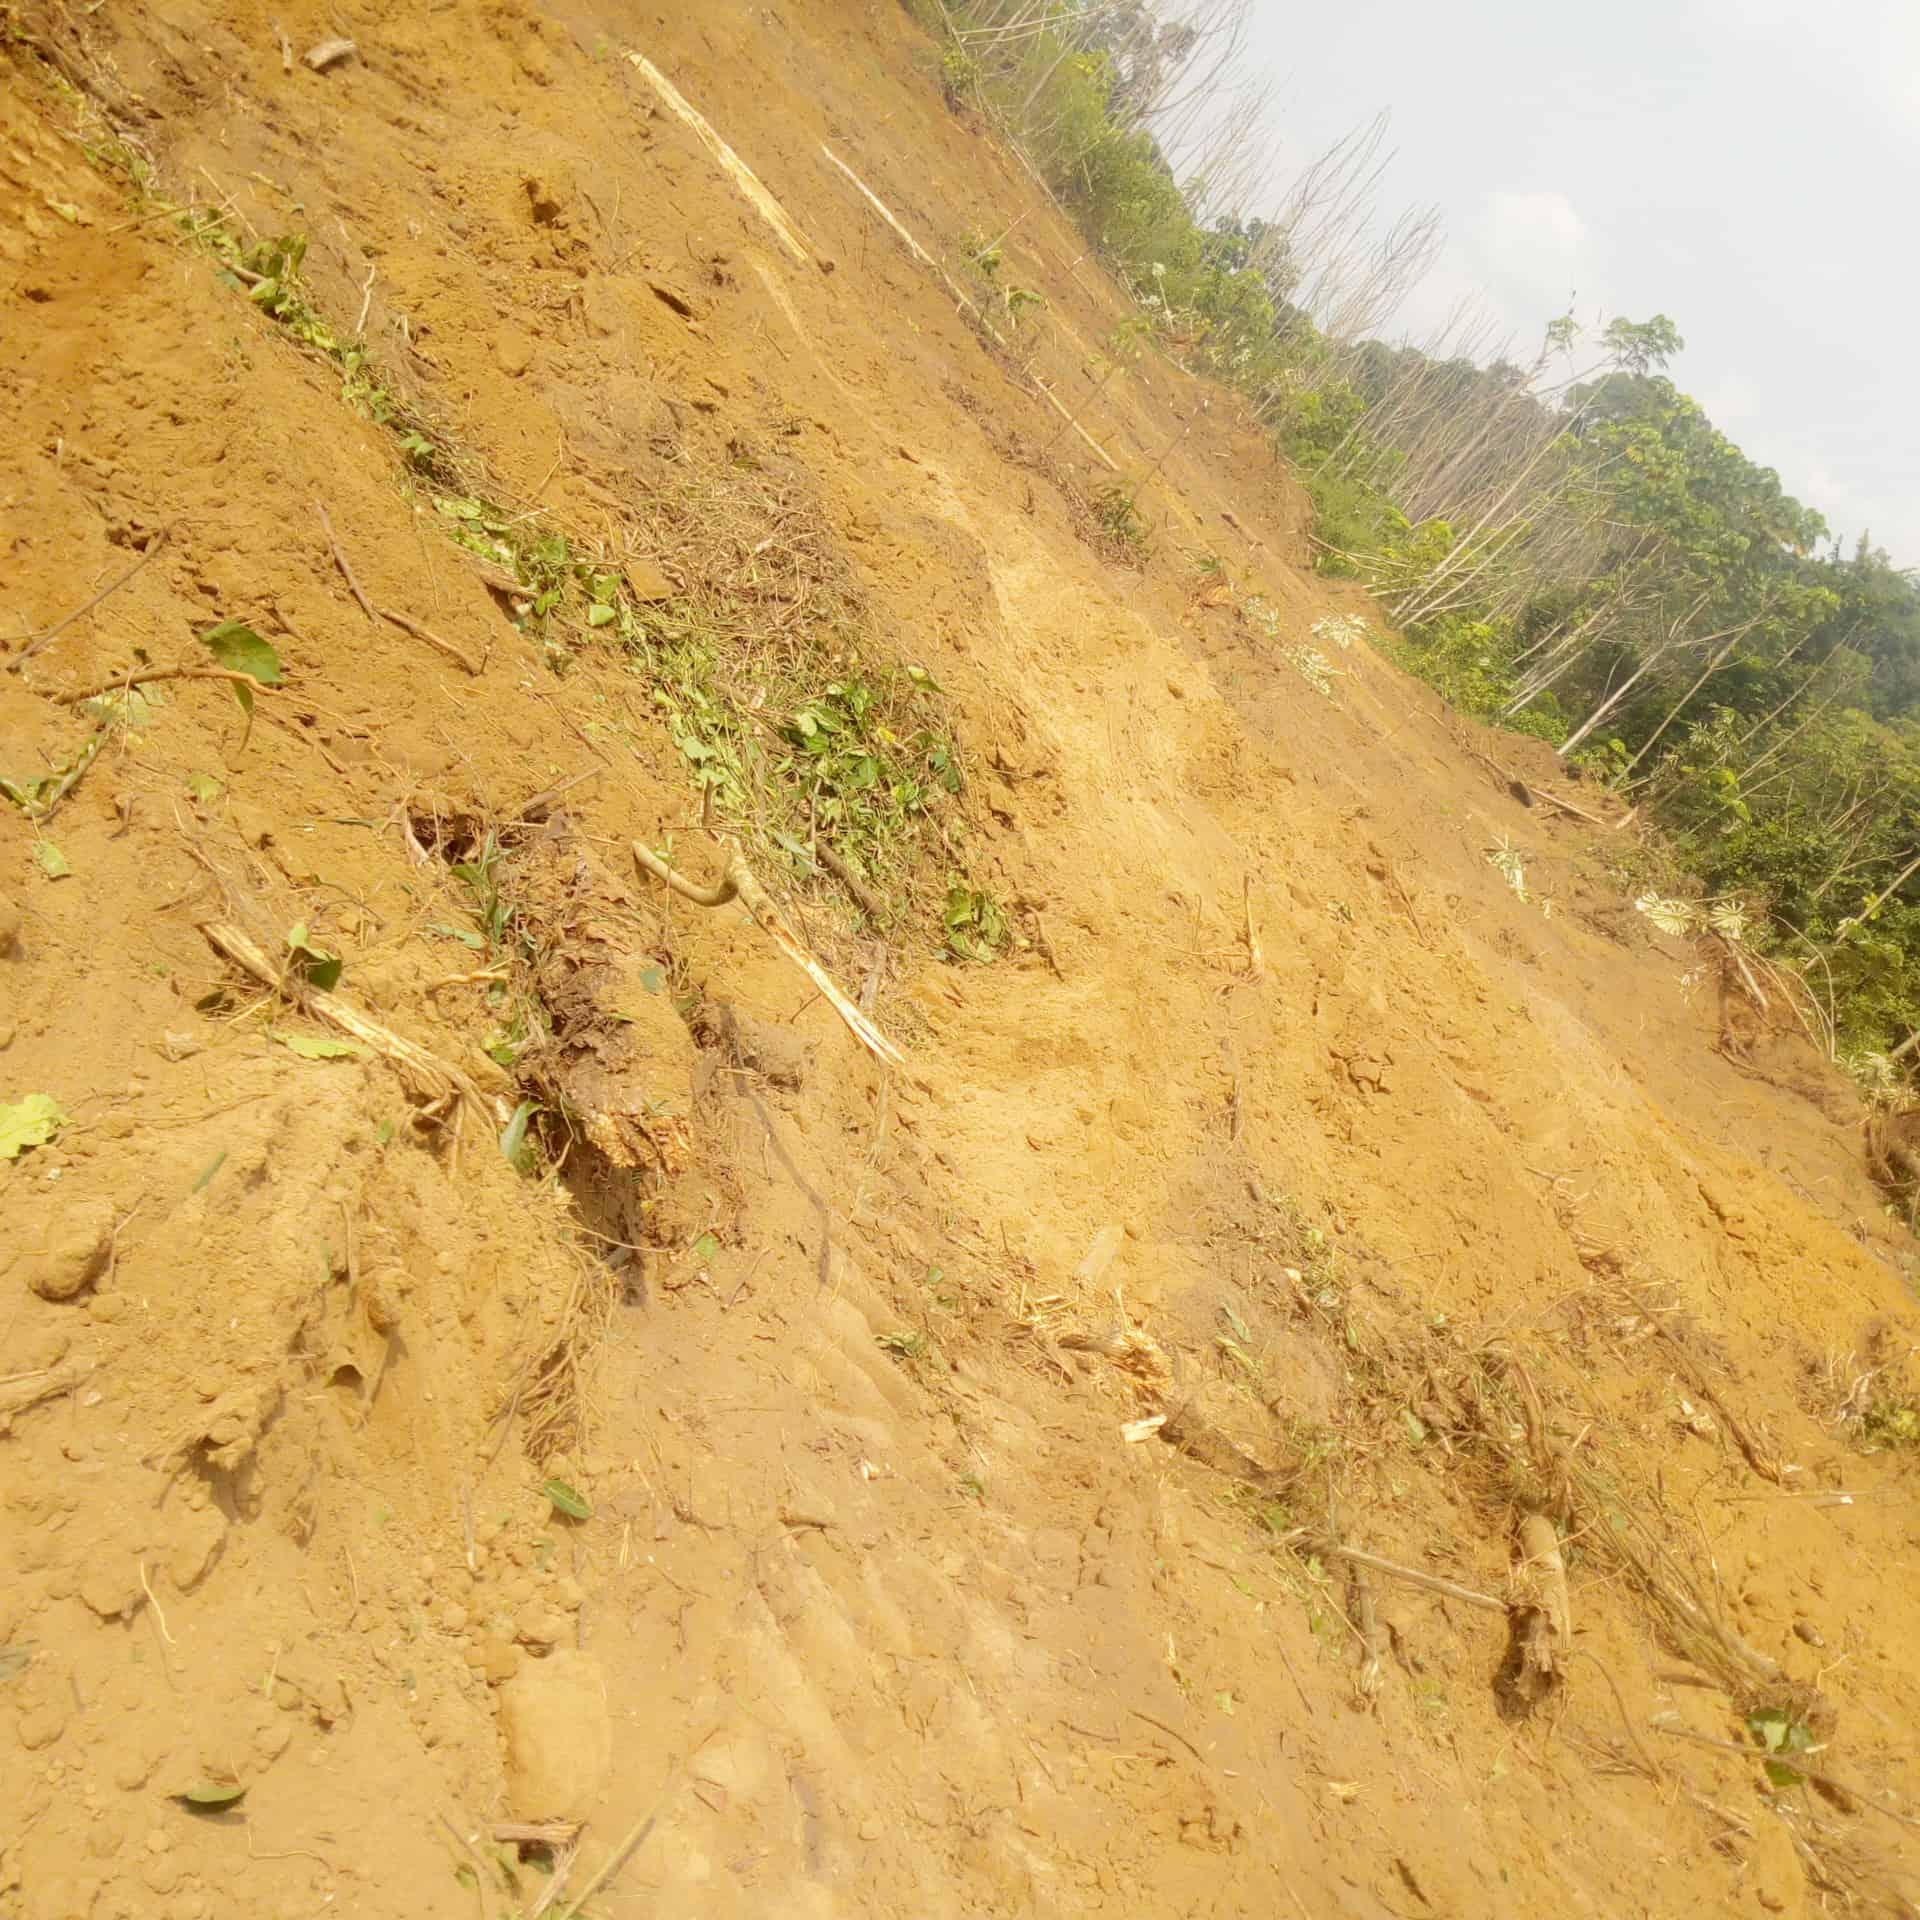 Terrain à vendre - Douala, Bassa, P36 - 200000 m2 - 8 000 000 FCFA